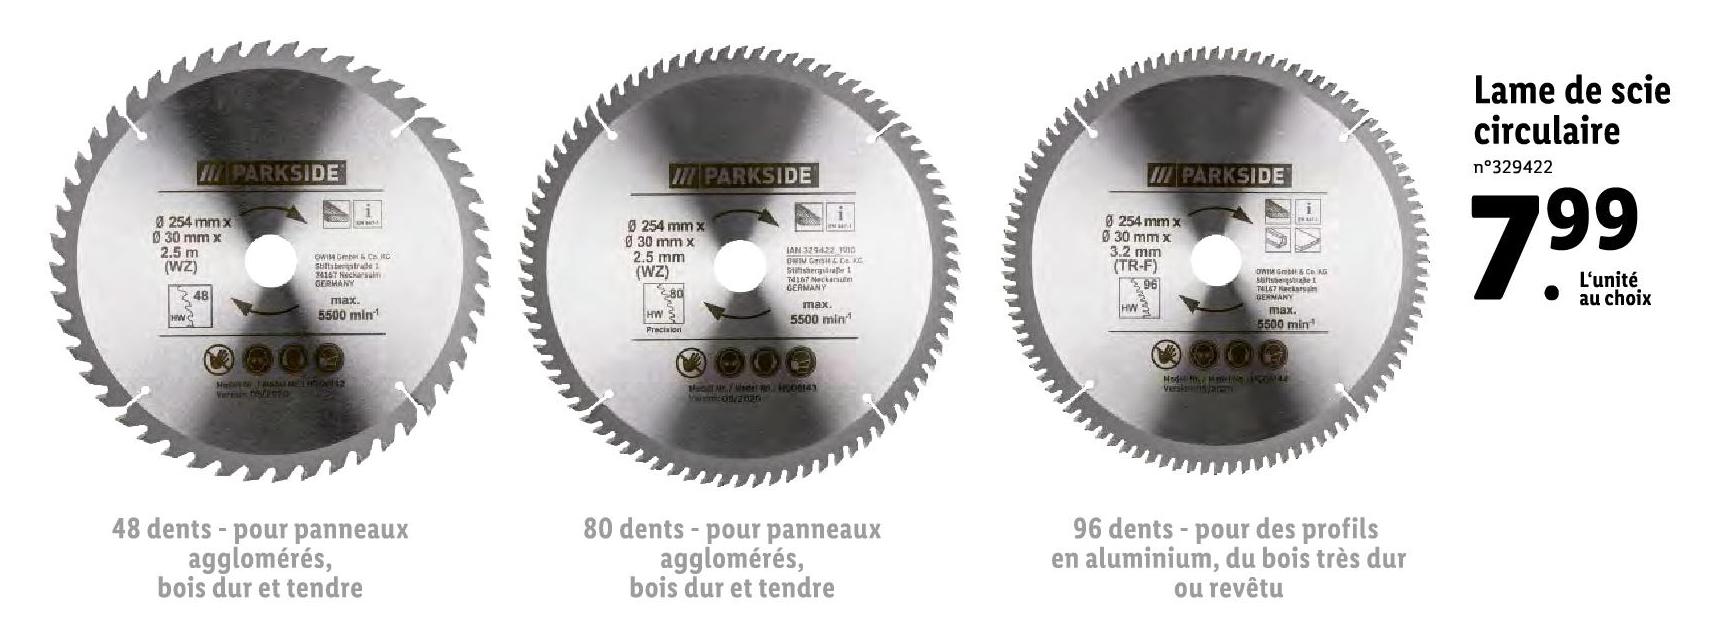 Lames de scie circulaire de 254mm